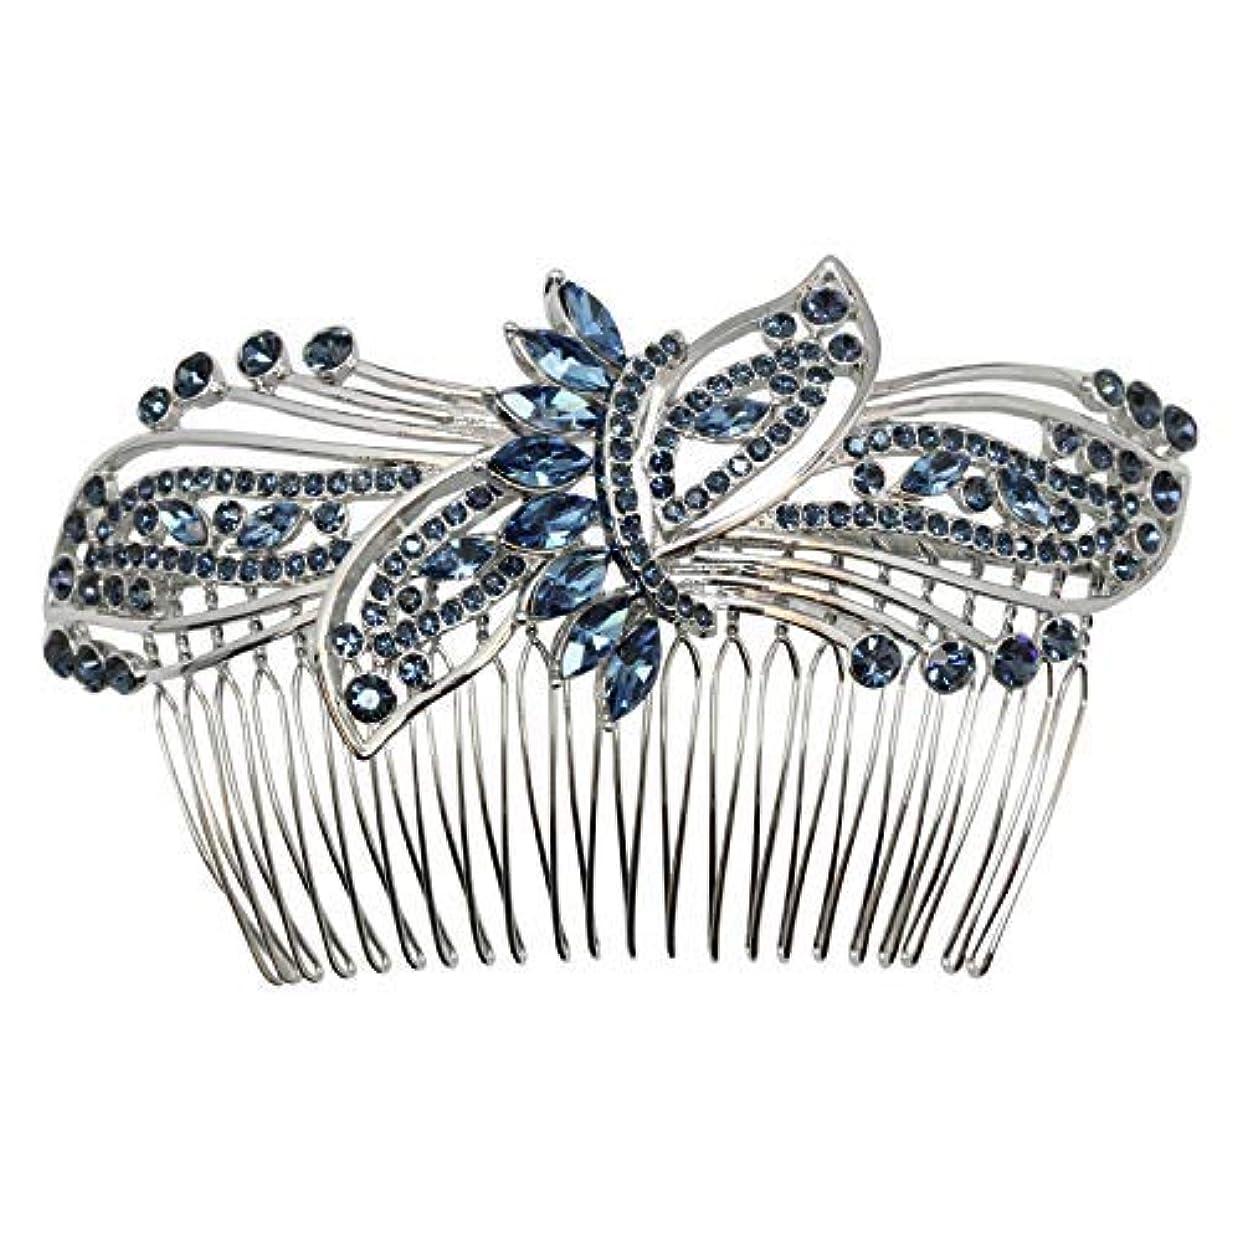 辞任かわすキャンセルFaship Gorgeous Navy Blue Rhinestone Crystal Huge Floral Hair Comb [並行輸入品]